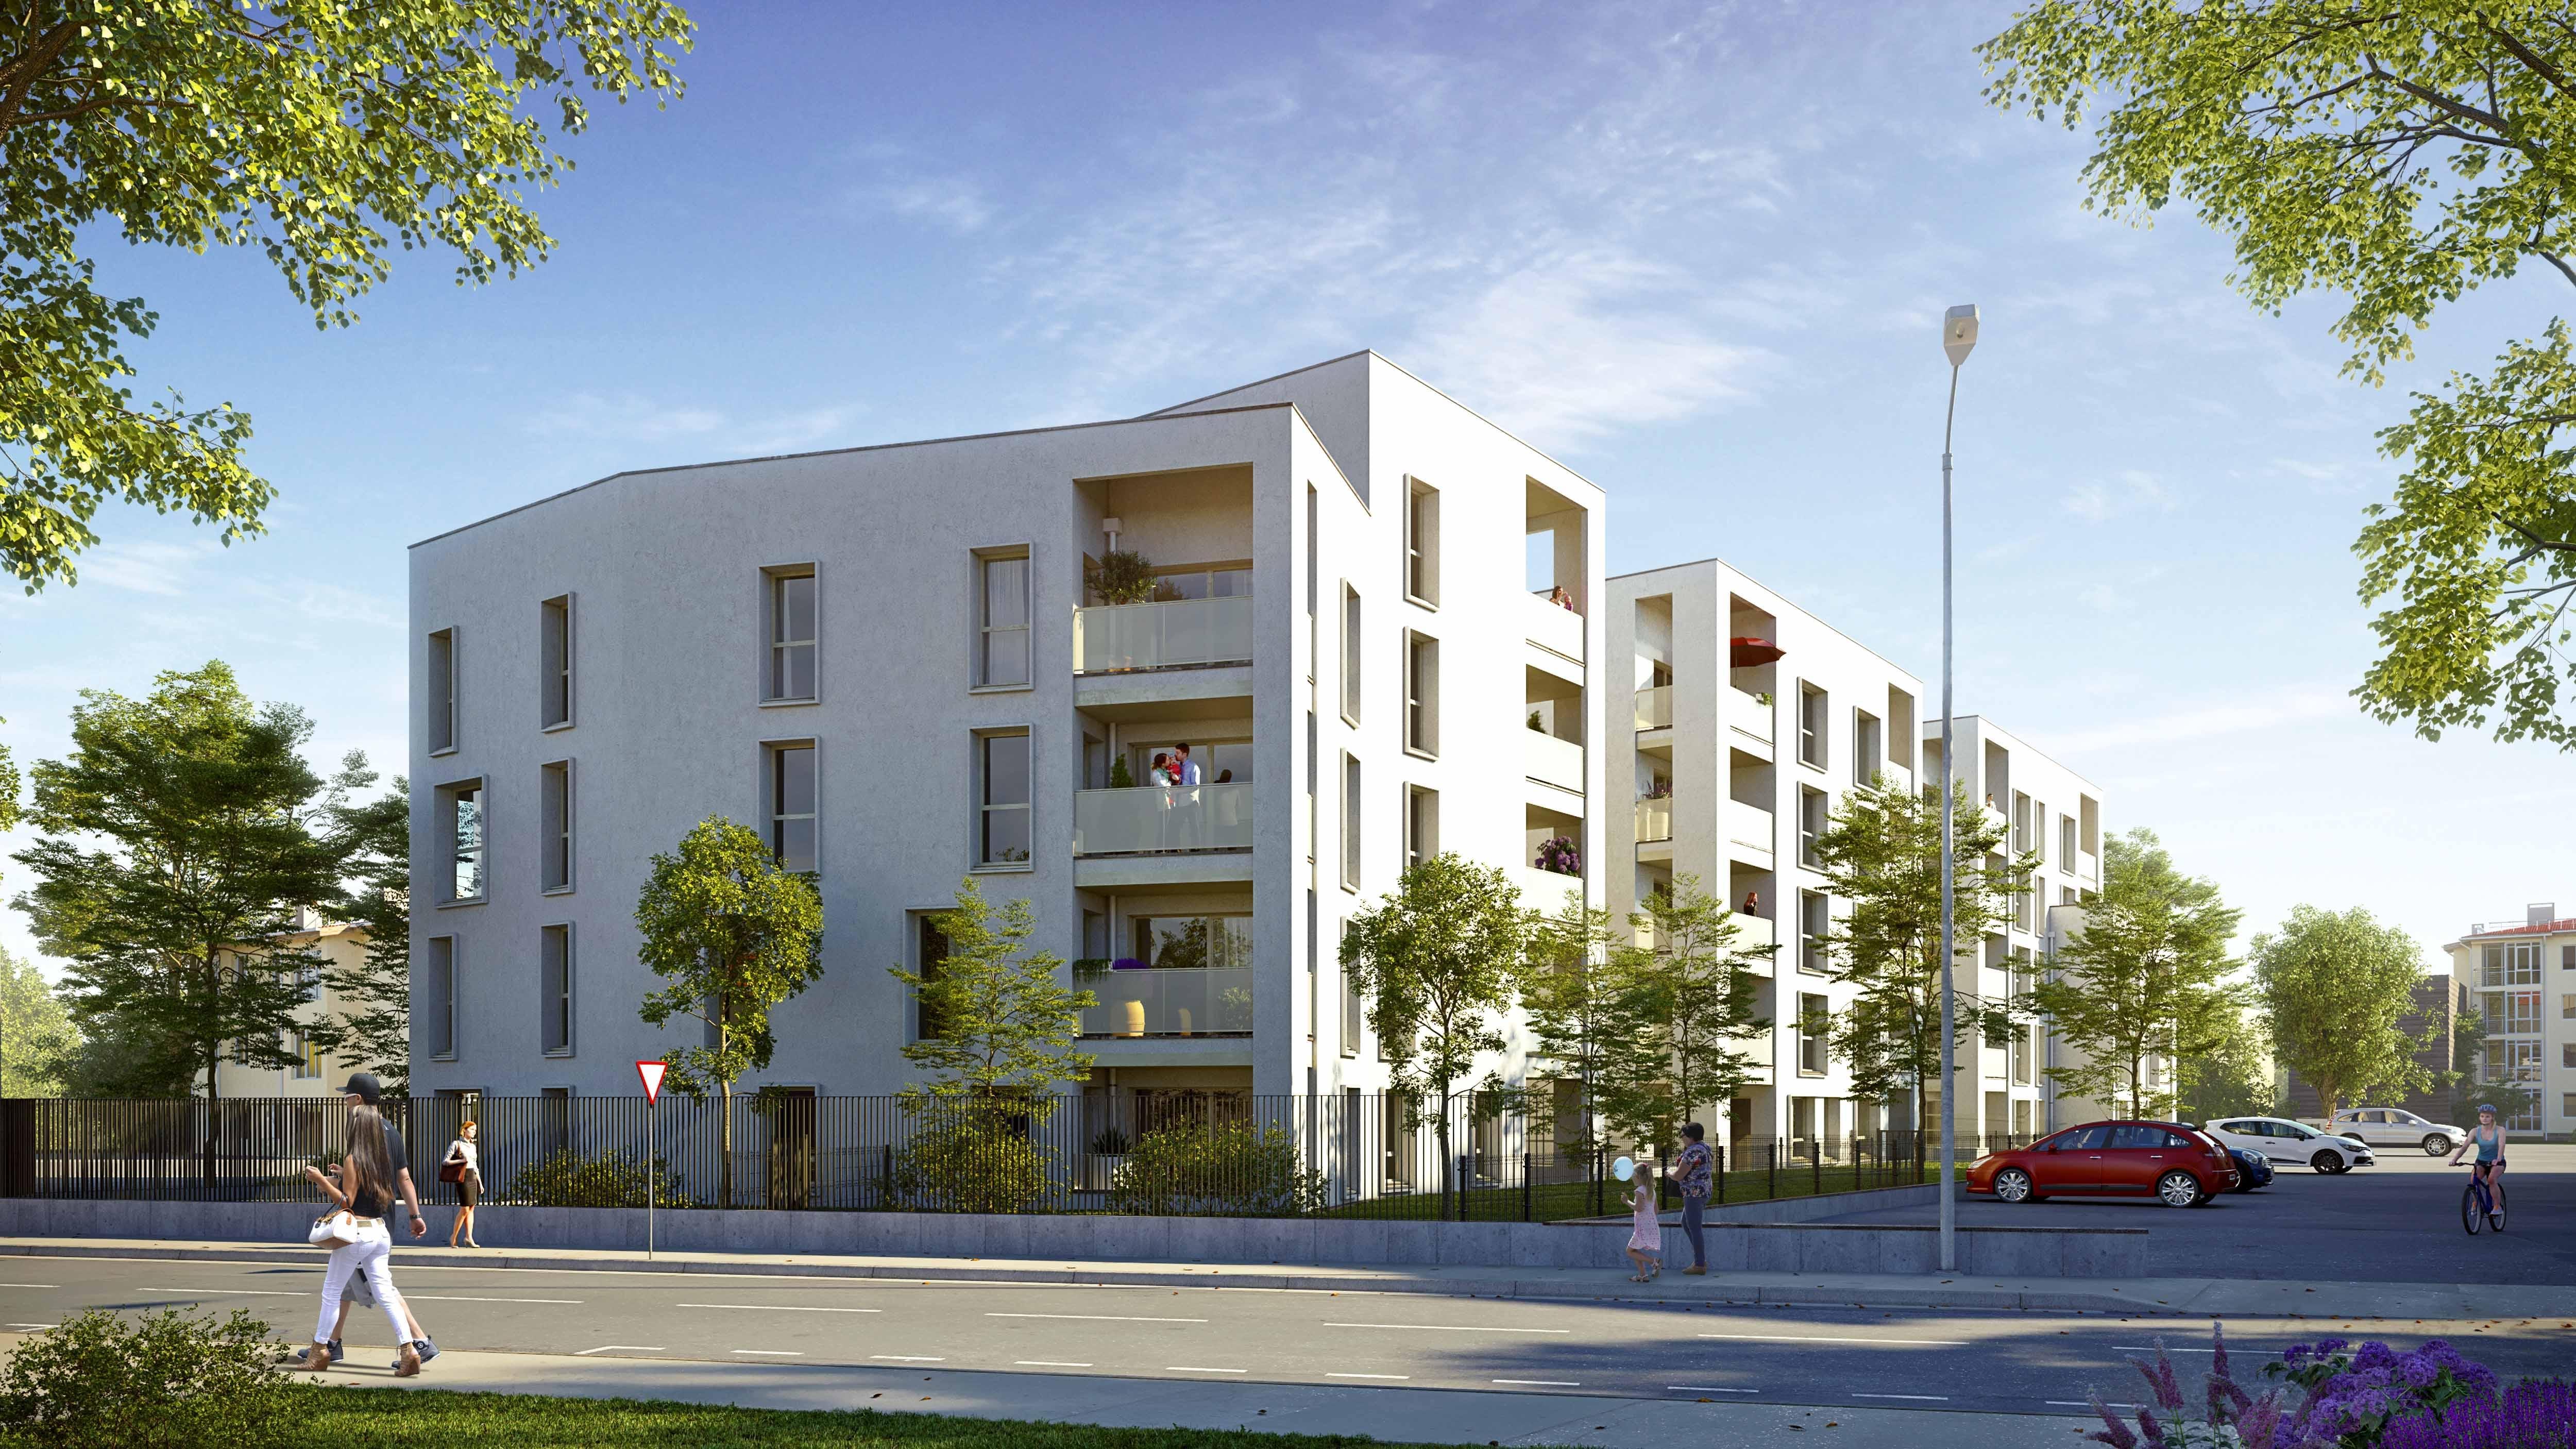 Résidence à Villefranche sur Saône 20 minutes de Lyon, Quartier calme, Écoles et commerces à proximité,